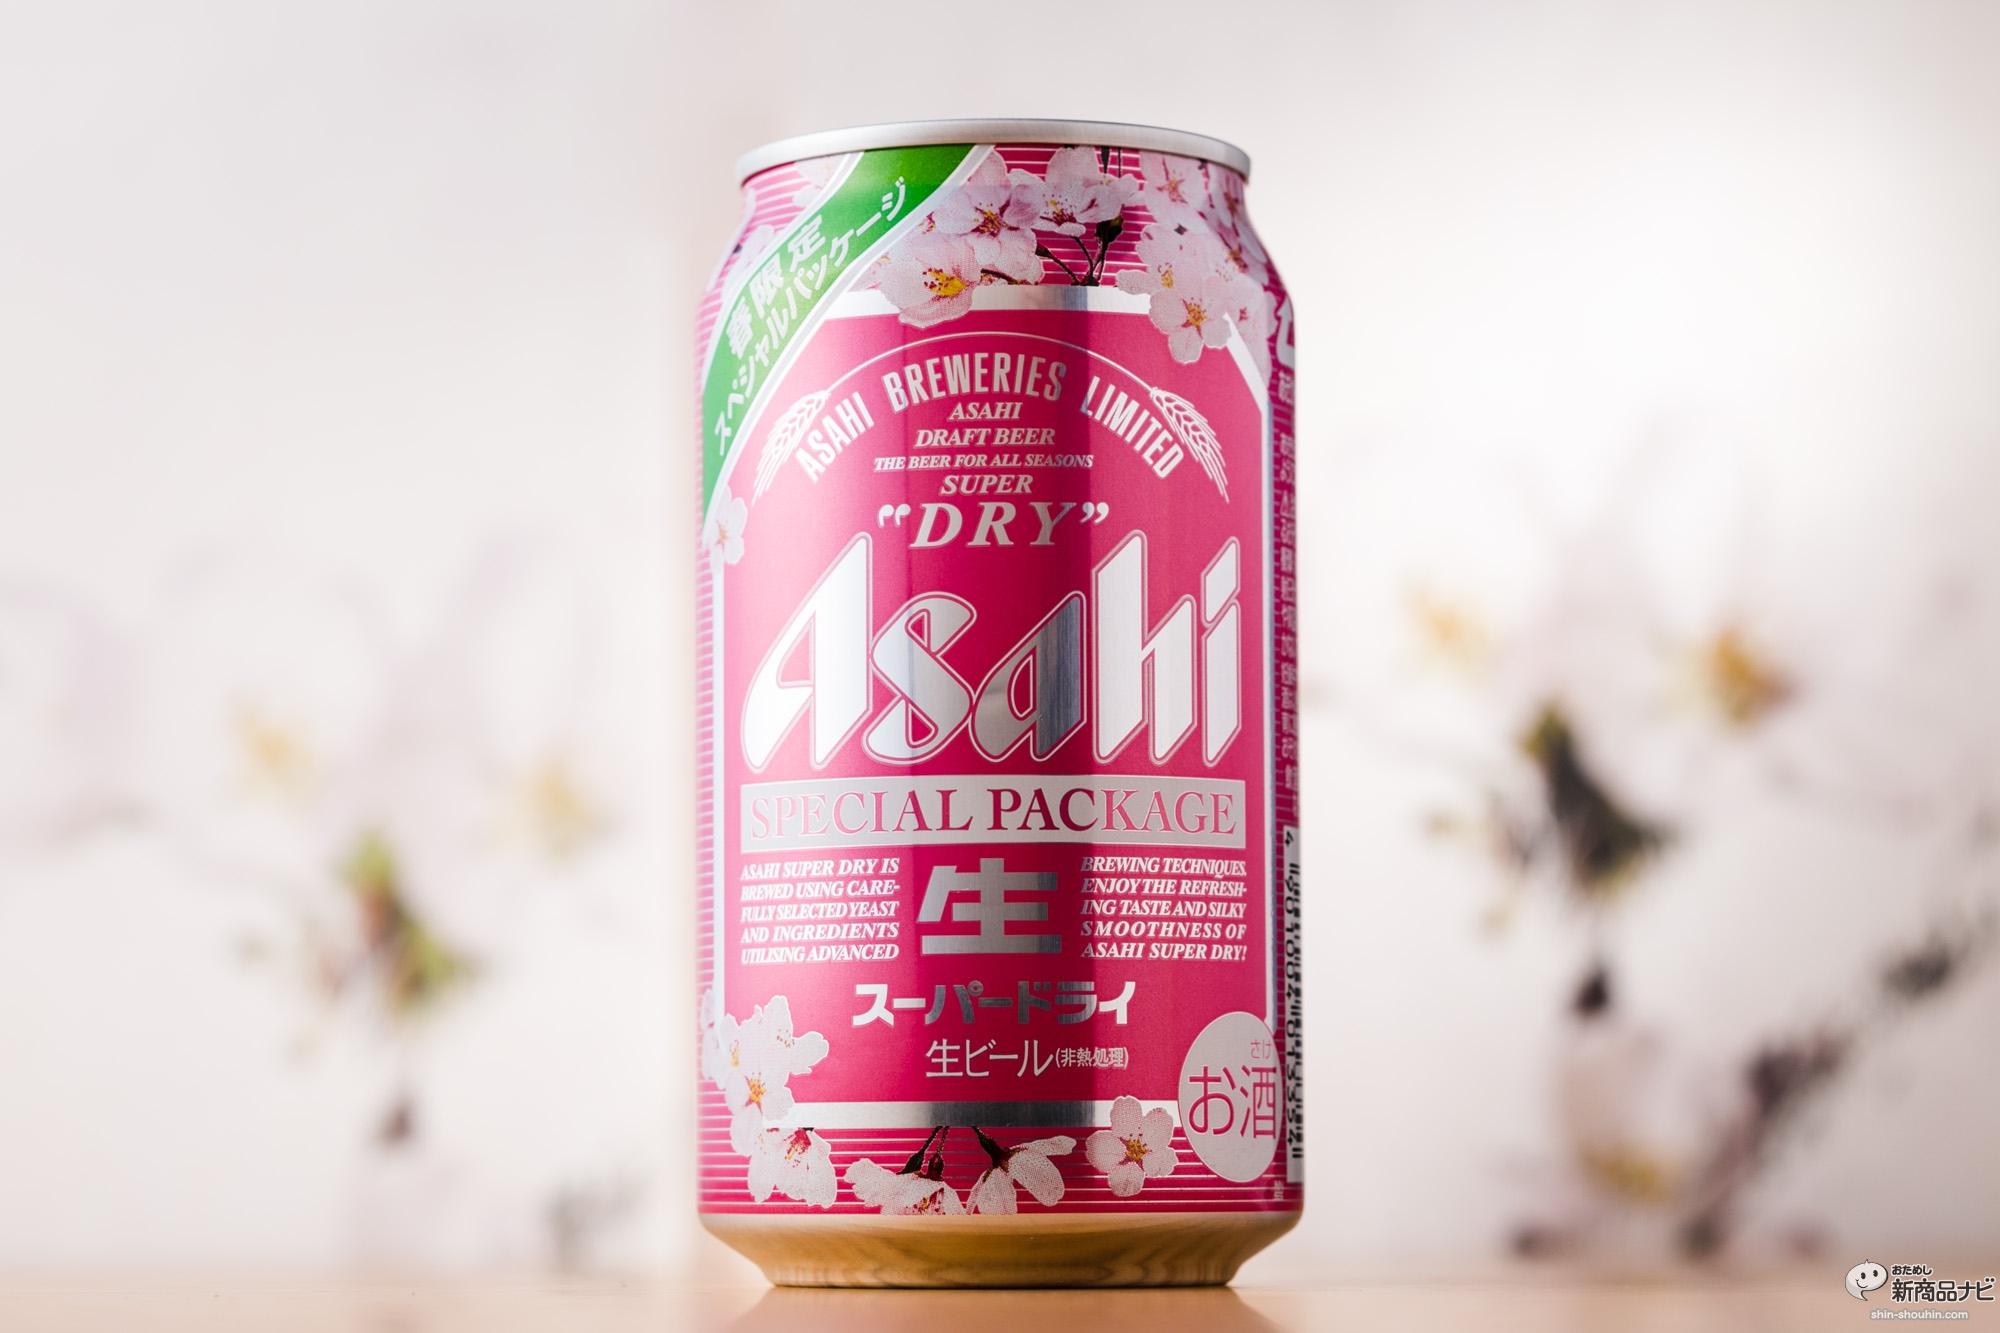 『アサヒスーパードライ スペシャルパッケージ』はビールの歴史を変えた「スーパードライ」の衣替え限定Ver.